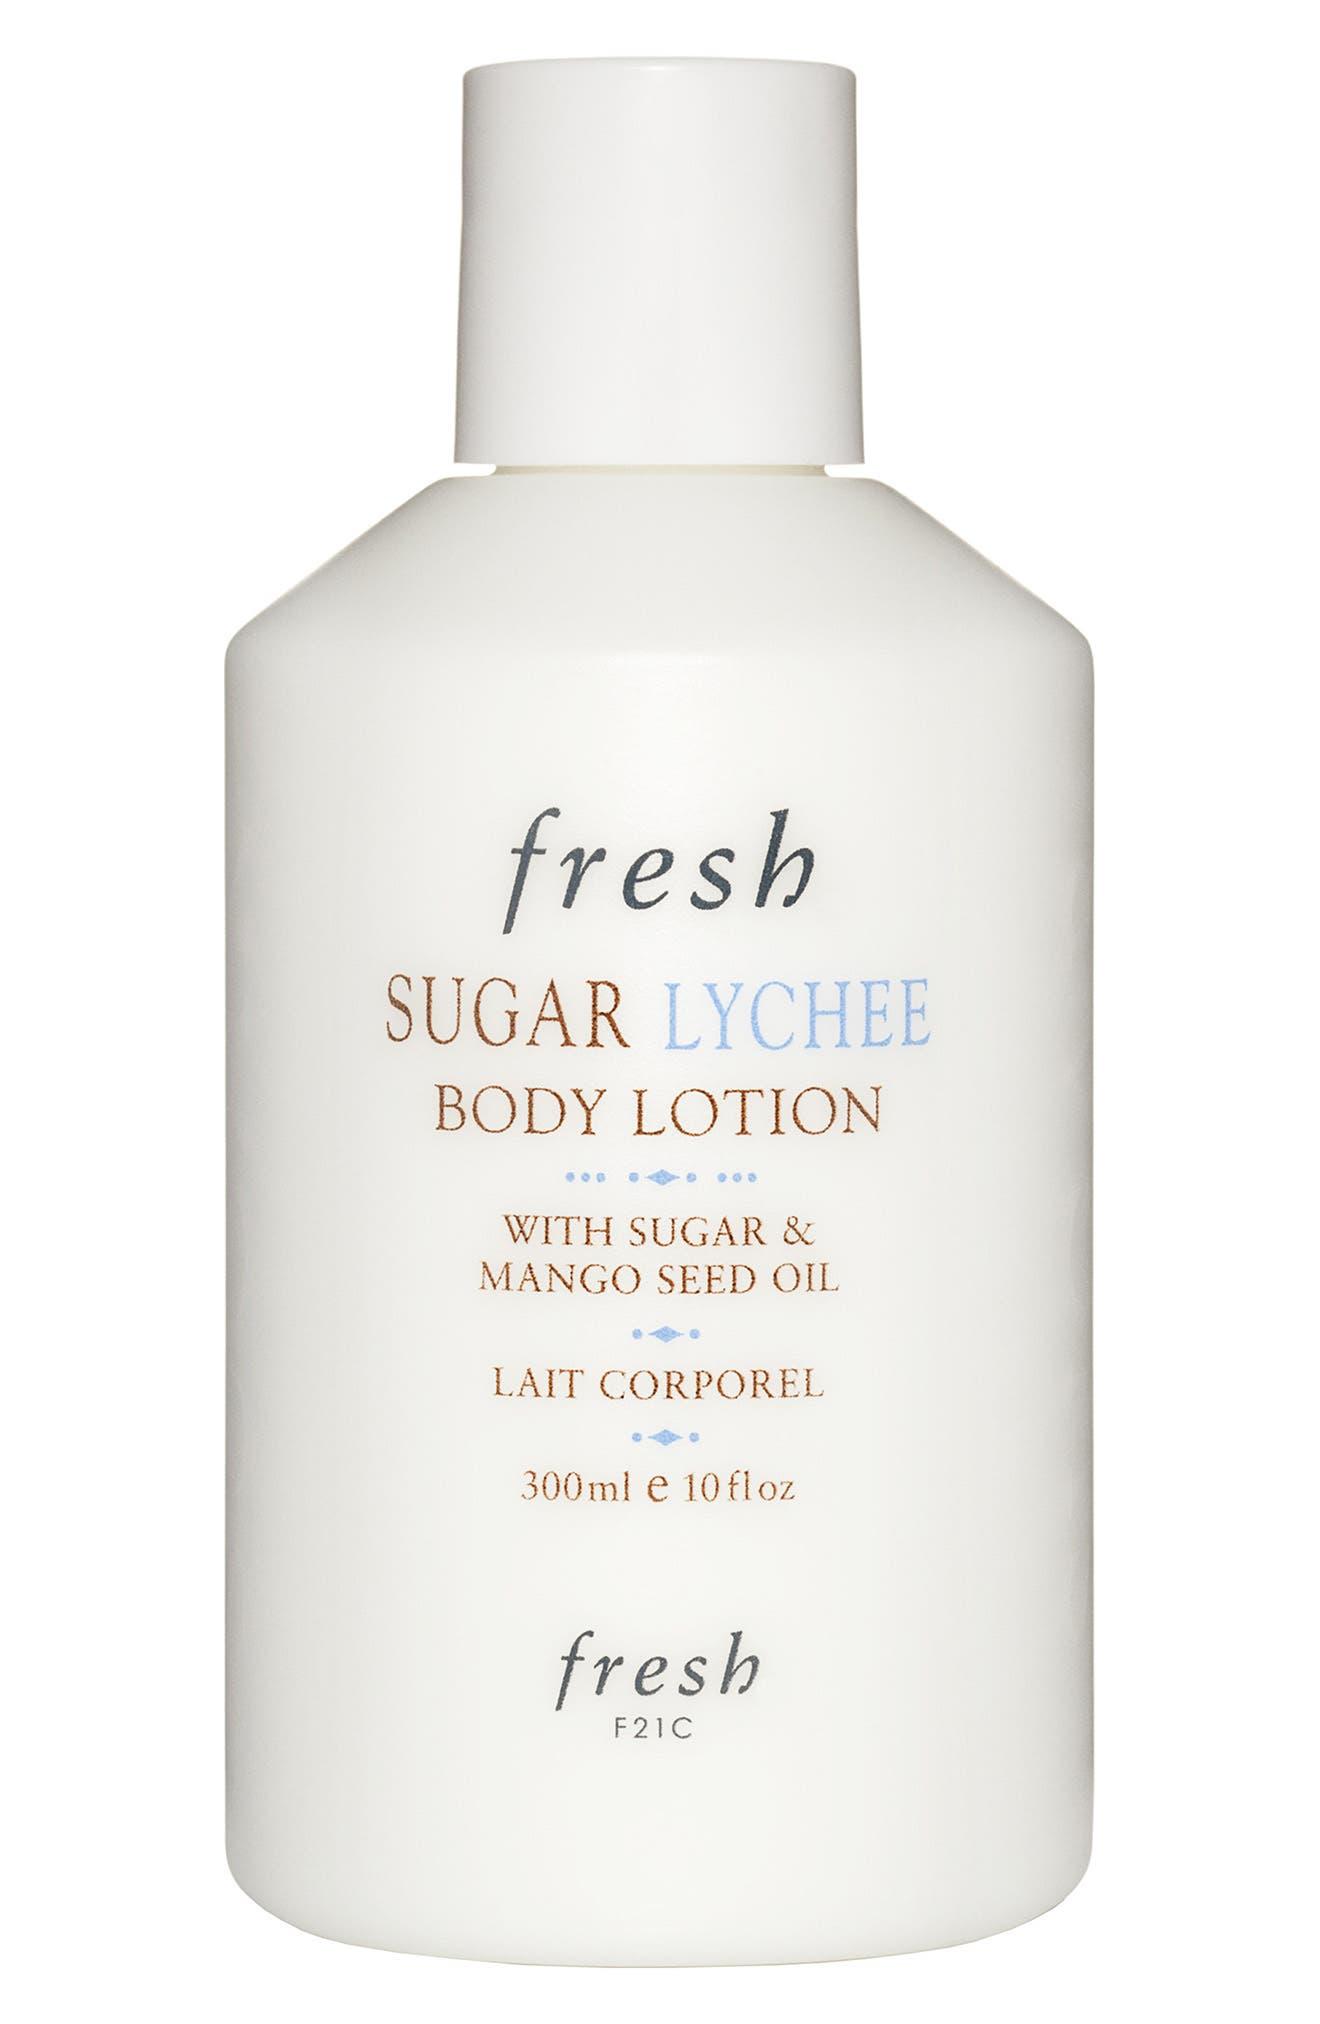 Fresh Sugar Lychee Body Lotion